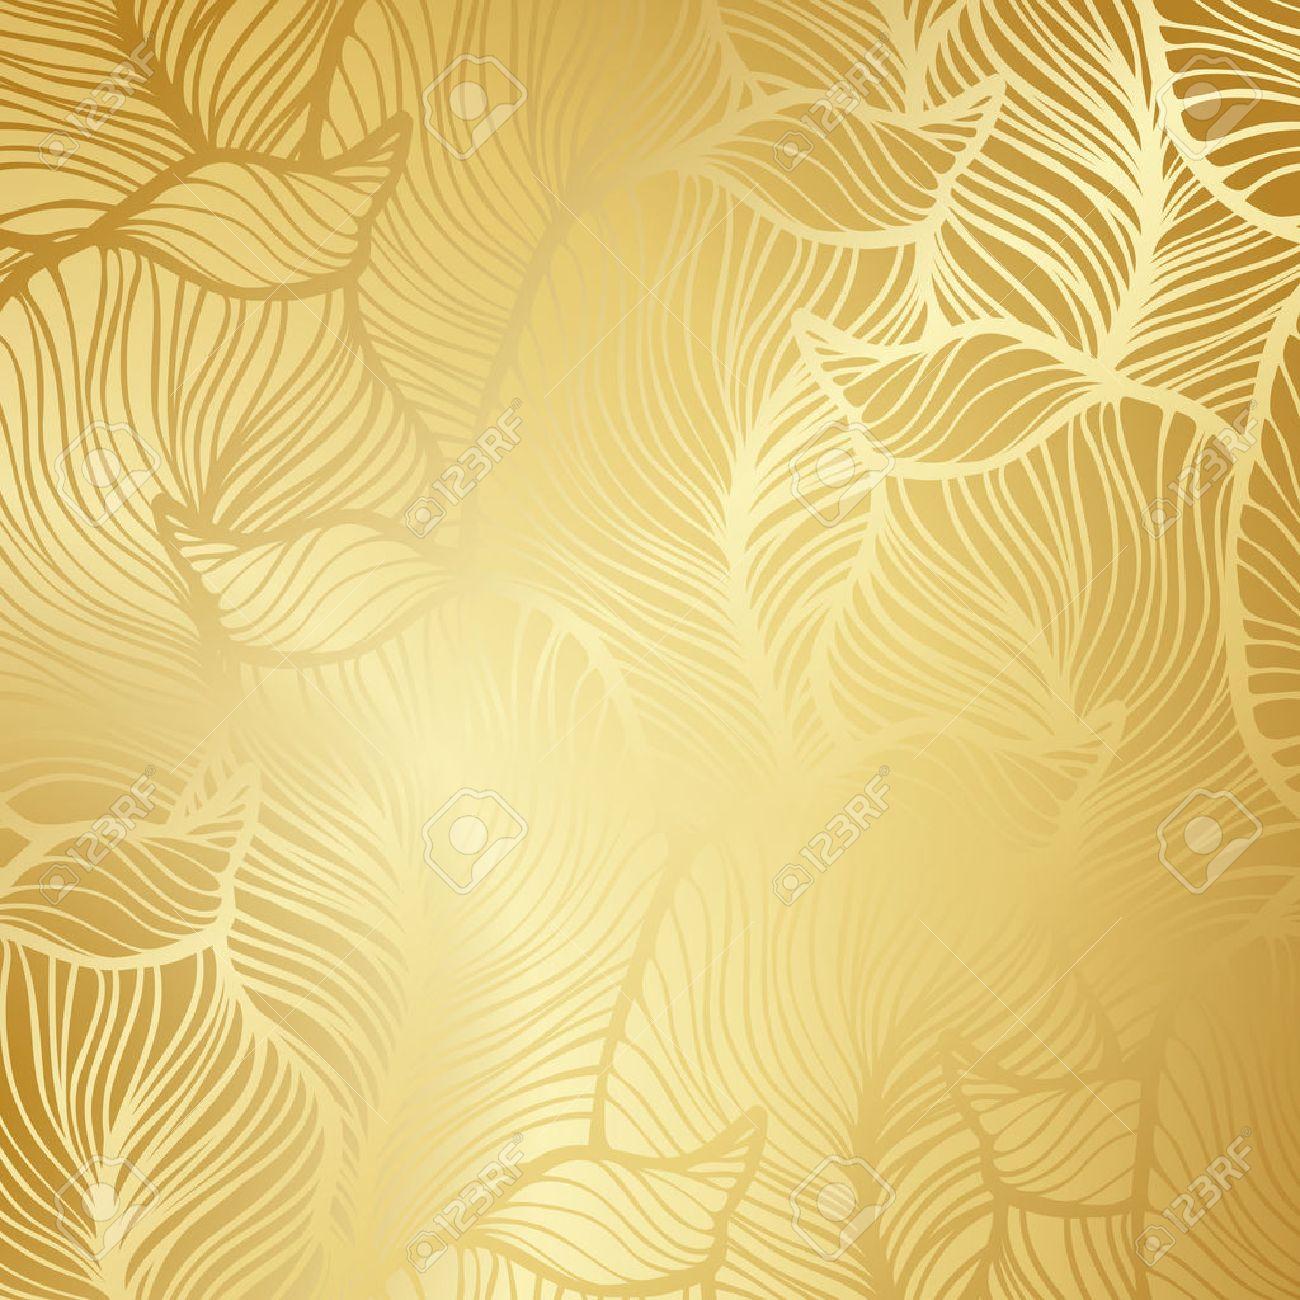 Fond Doré luxe papier doré. vintage floral pattern vecteur de fond. clip art